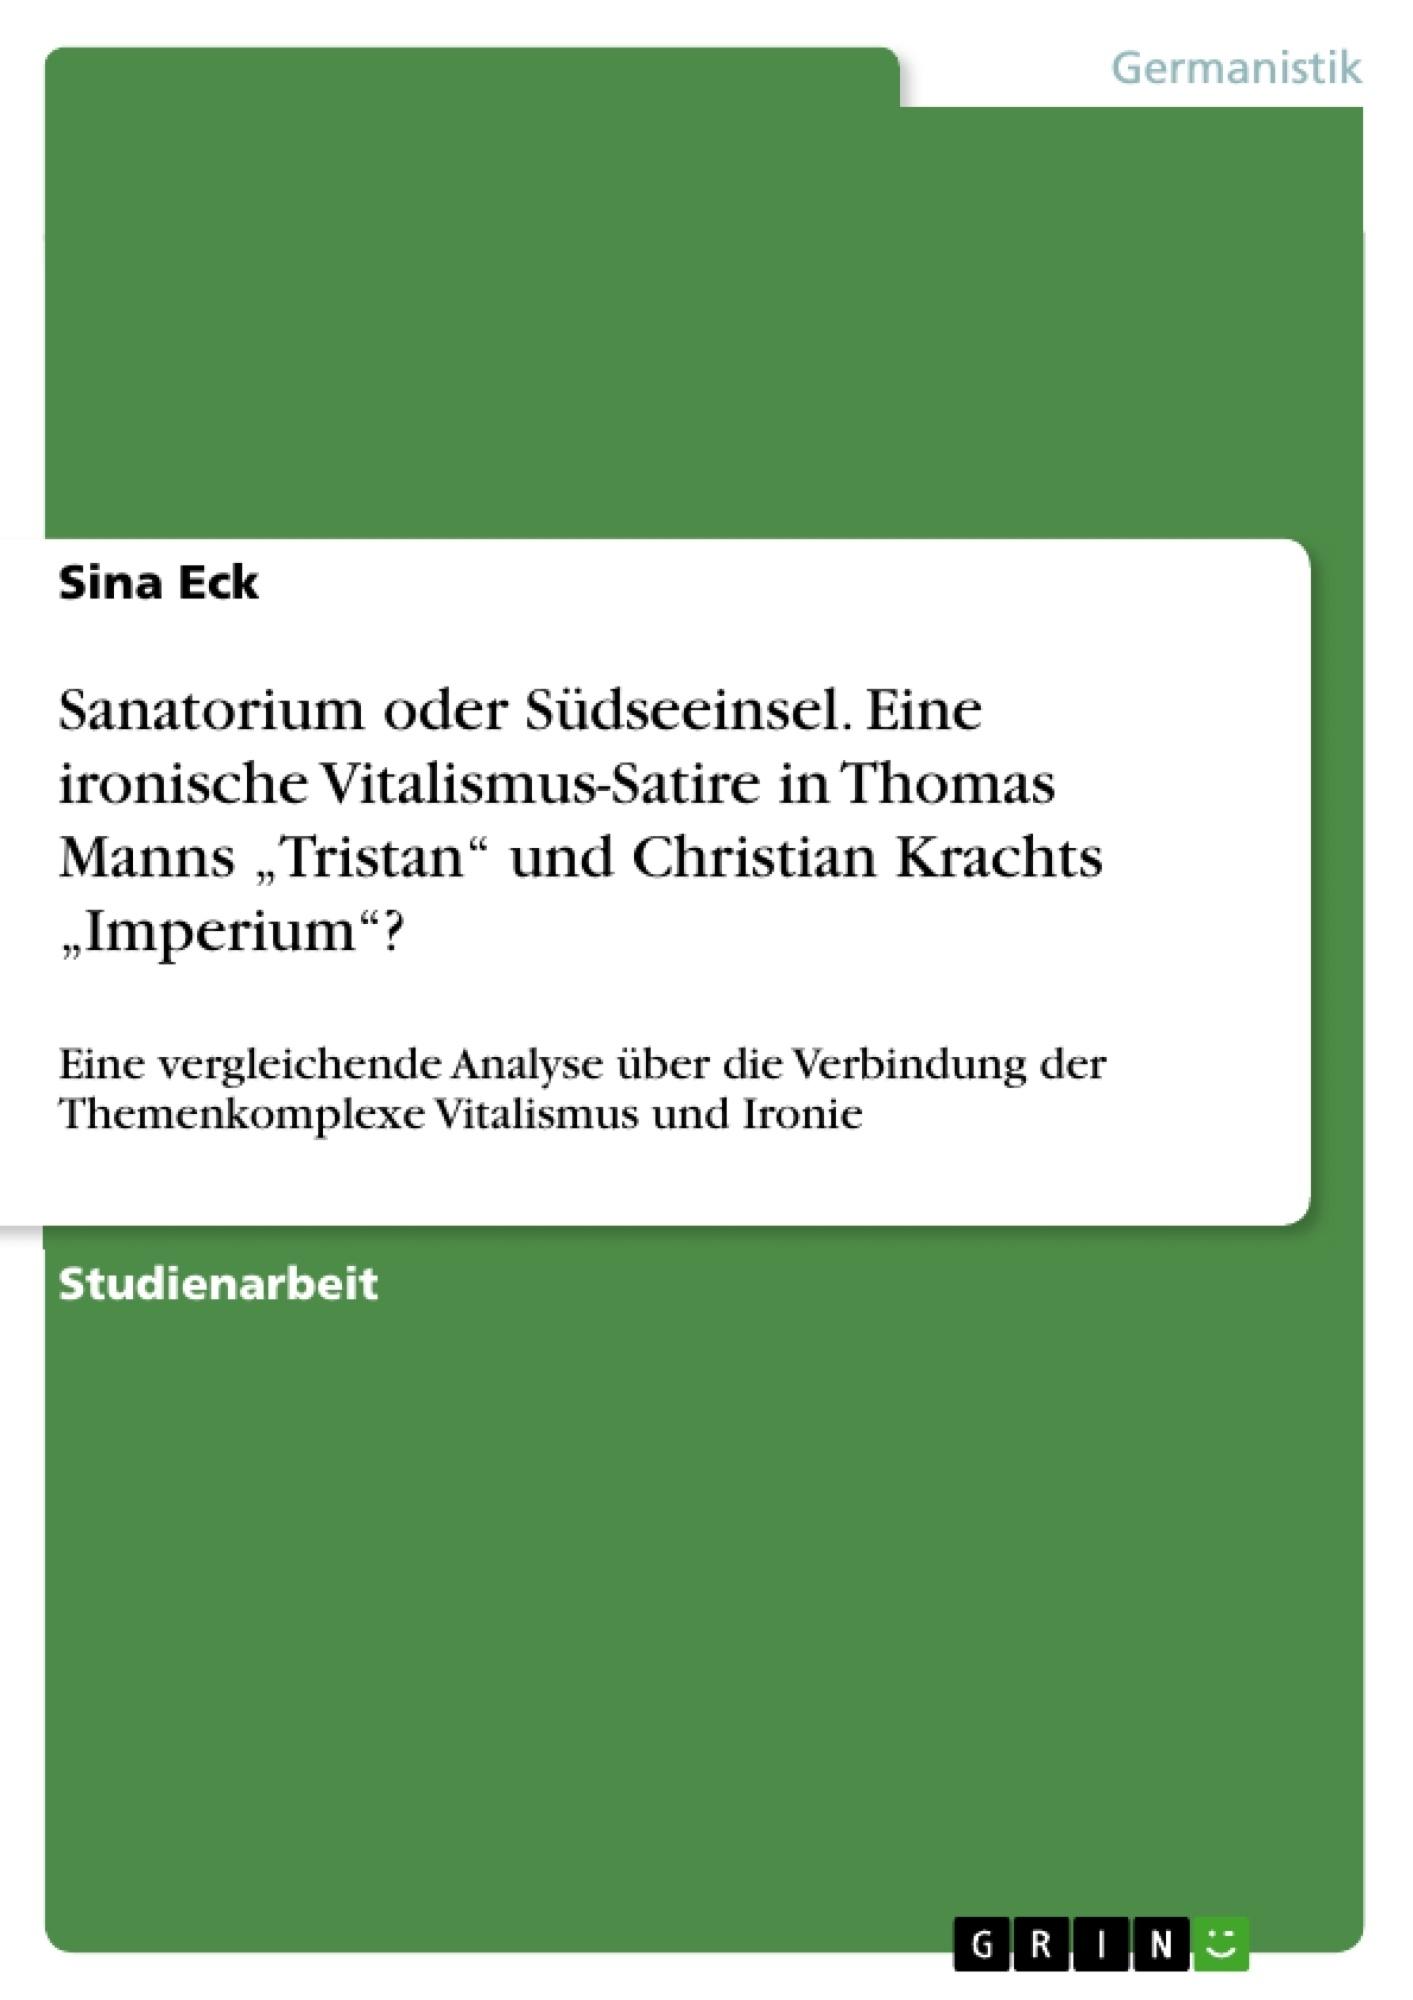 """Titel: Sanatorium oder Südseeinsel. Eine ironische Vitalismus-Satire in Thomas Manns """"Tristan"""" und Christian Krachts """"Imperium""""?"""